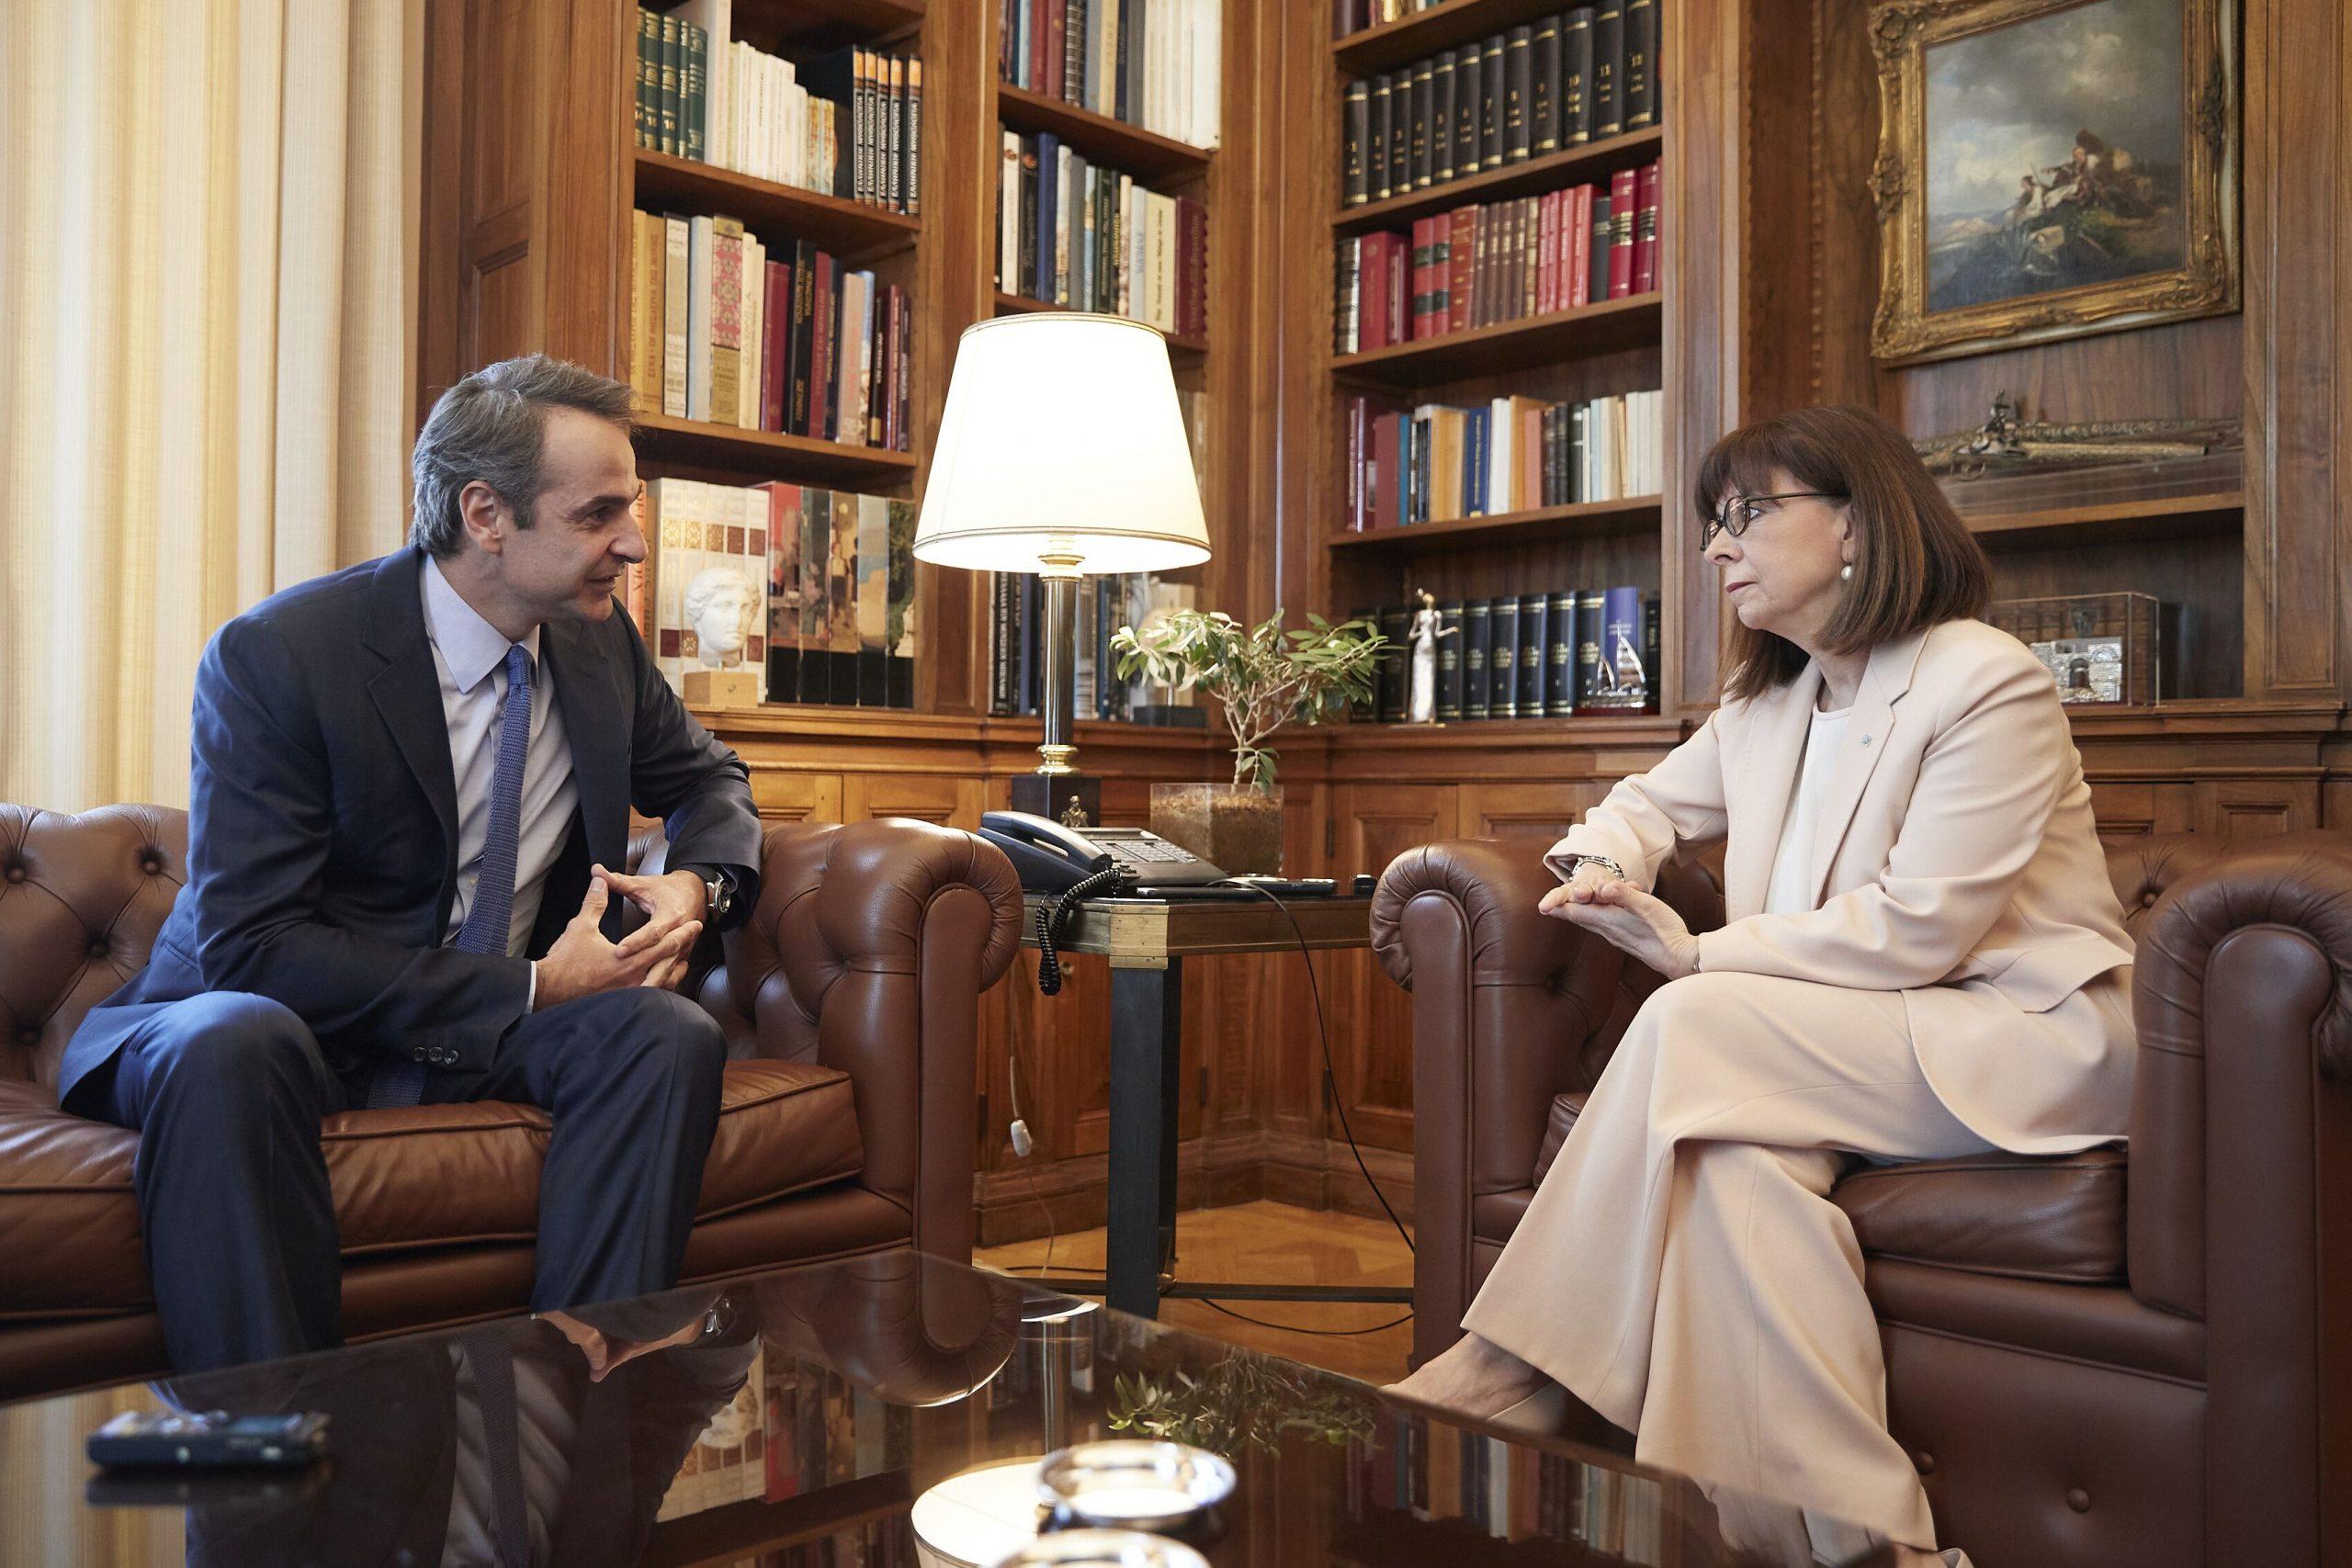 Μητσοτάκης: Αποκτήσαμε ξανά εμπιστοσύνη σε θεσμούς, κράτος και προς τον συμπολίτη μας